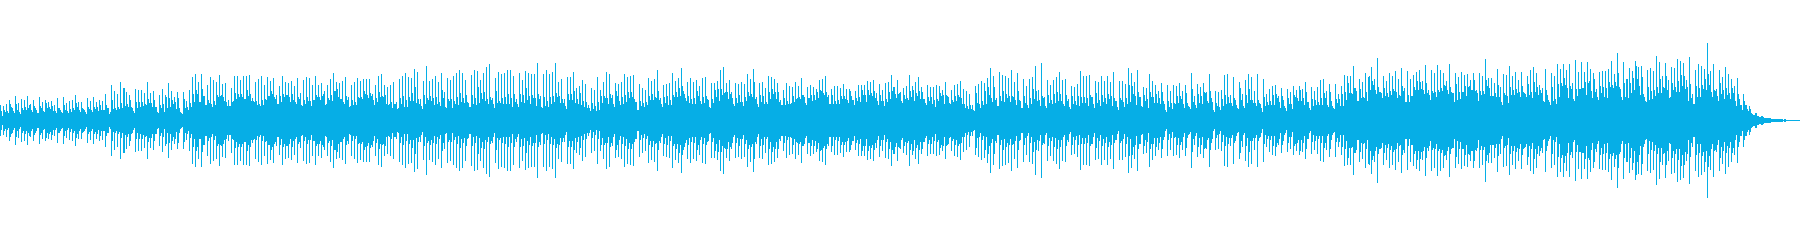 ベル系の音だけで構成された幾何学的な曲の再生済みの波形